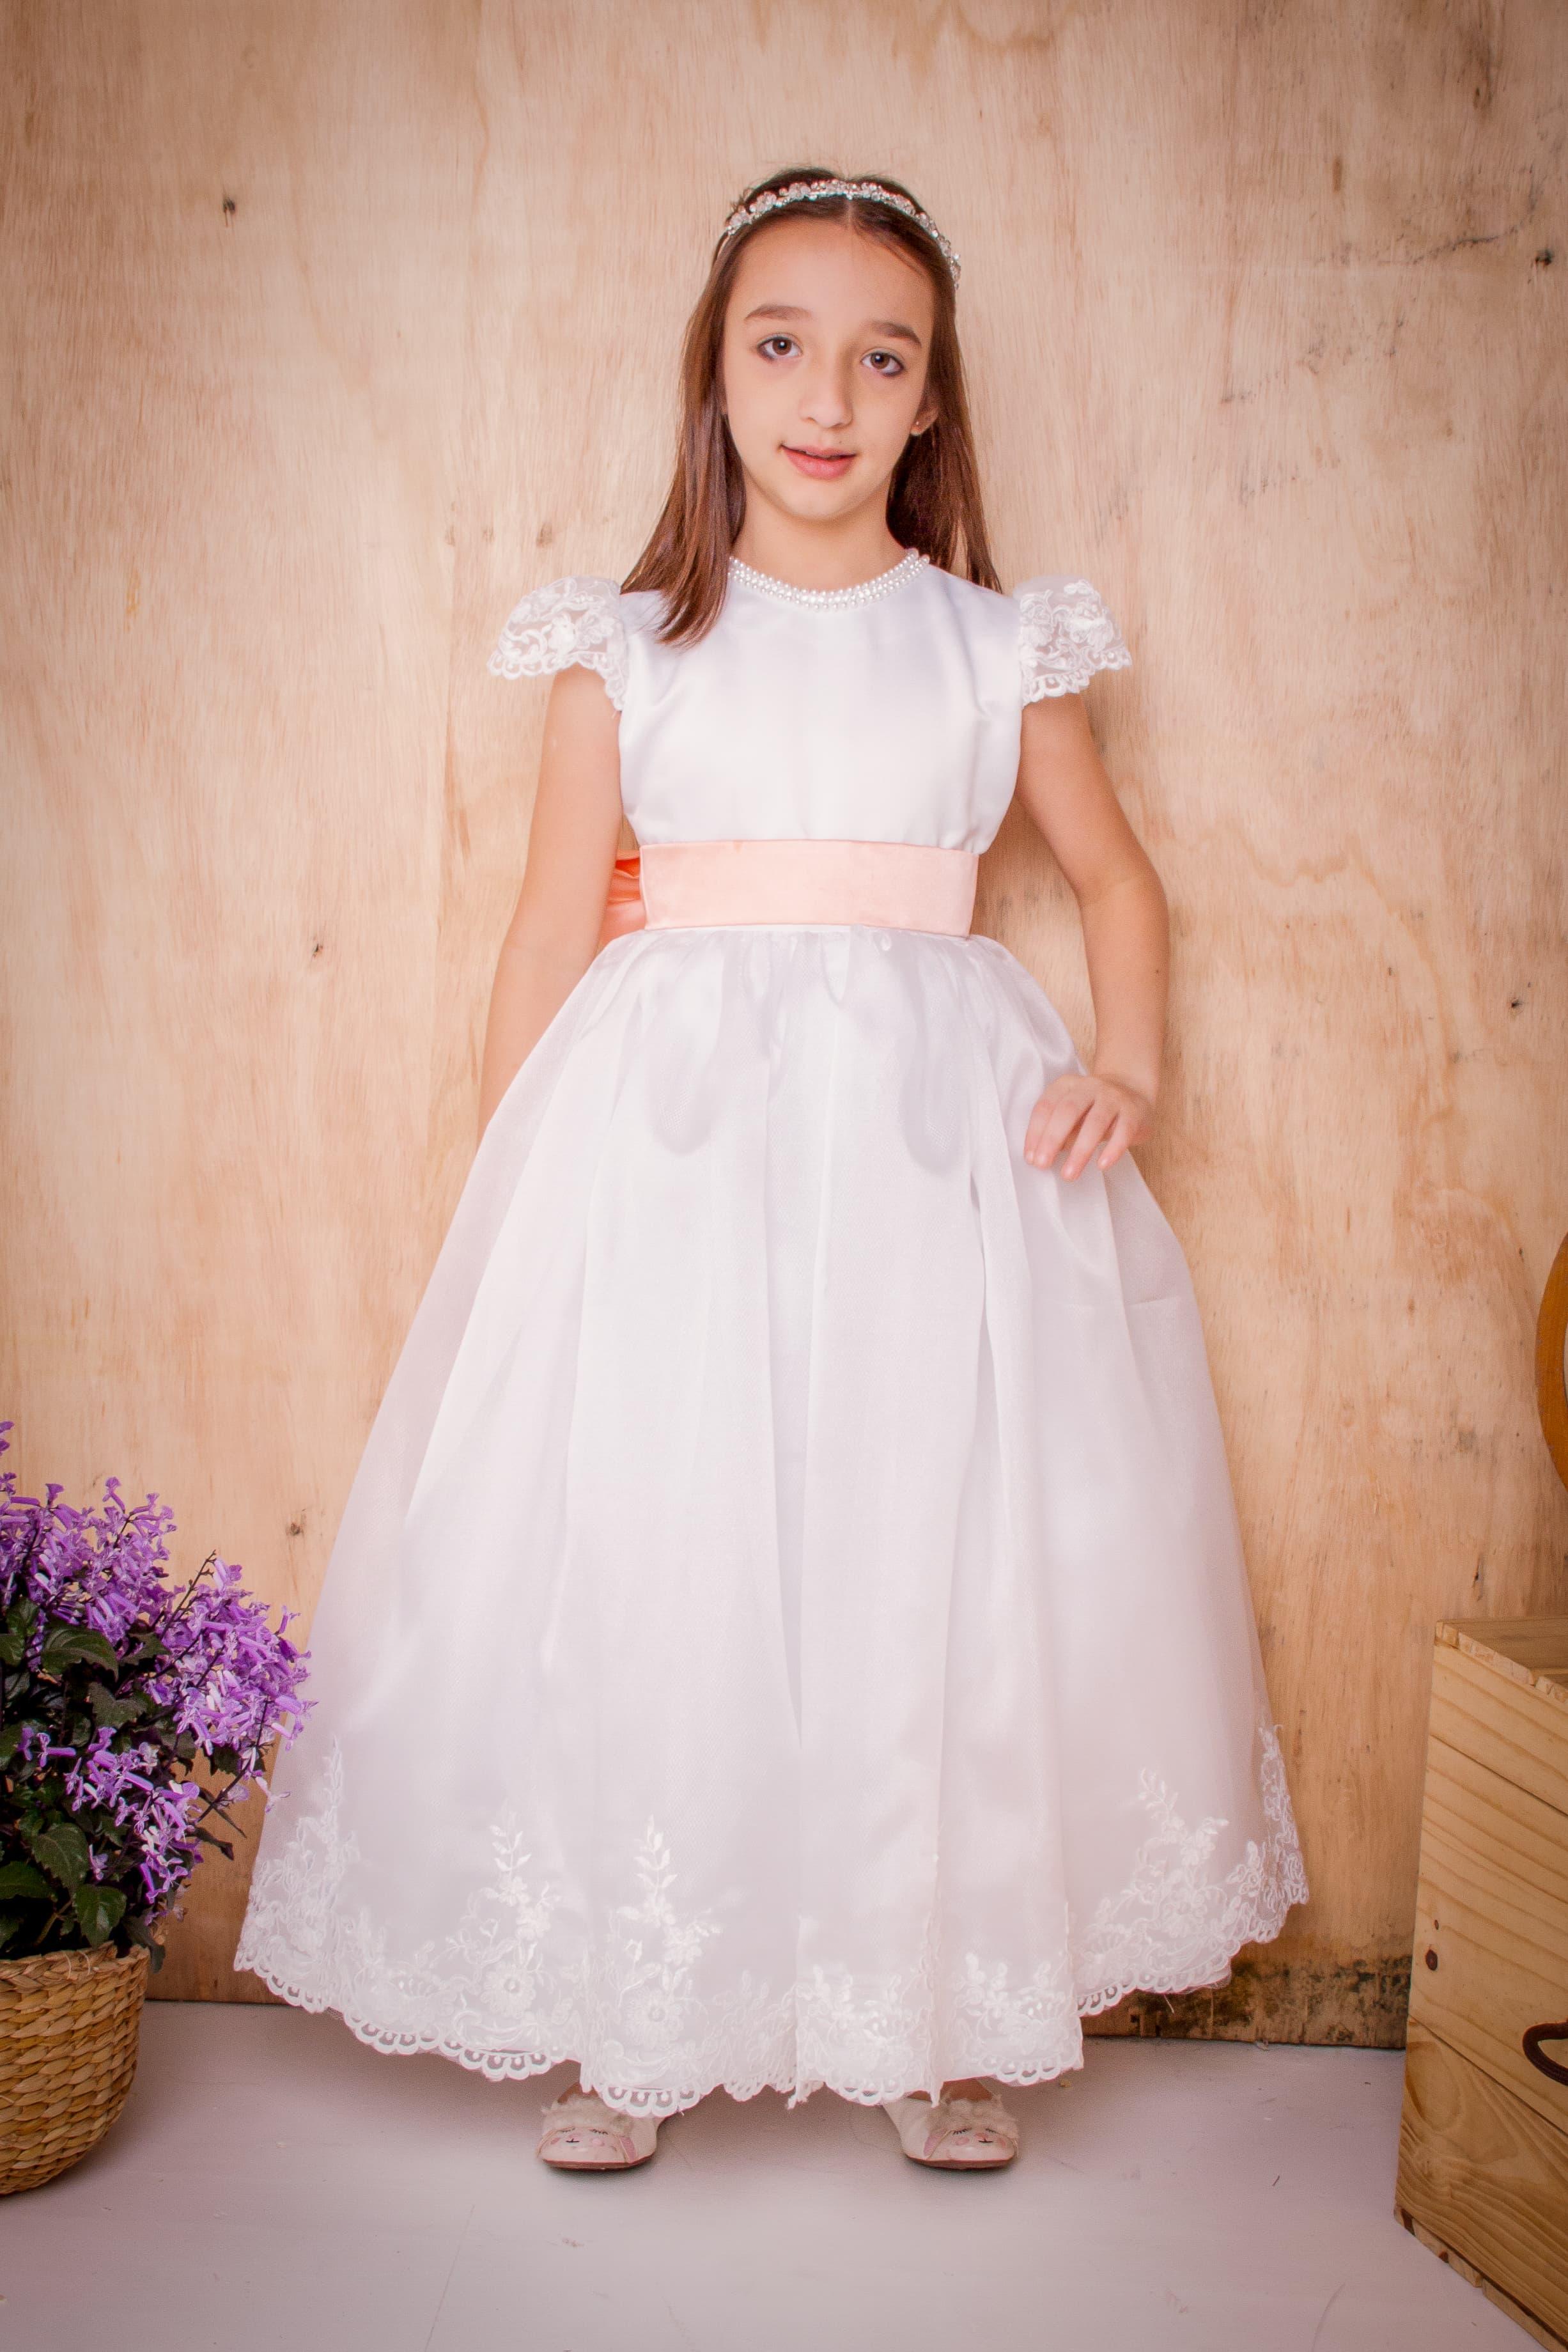 7 - Vestido de daminha branco com manguinha de renda